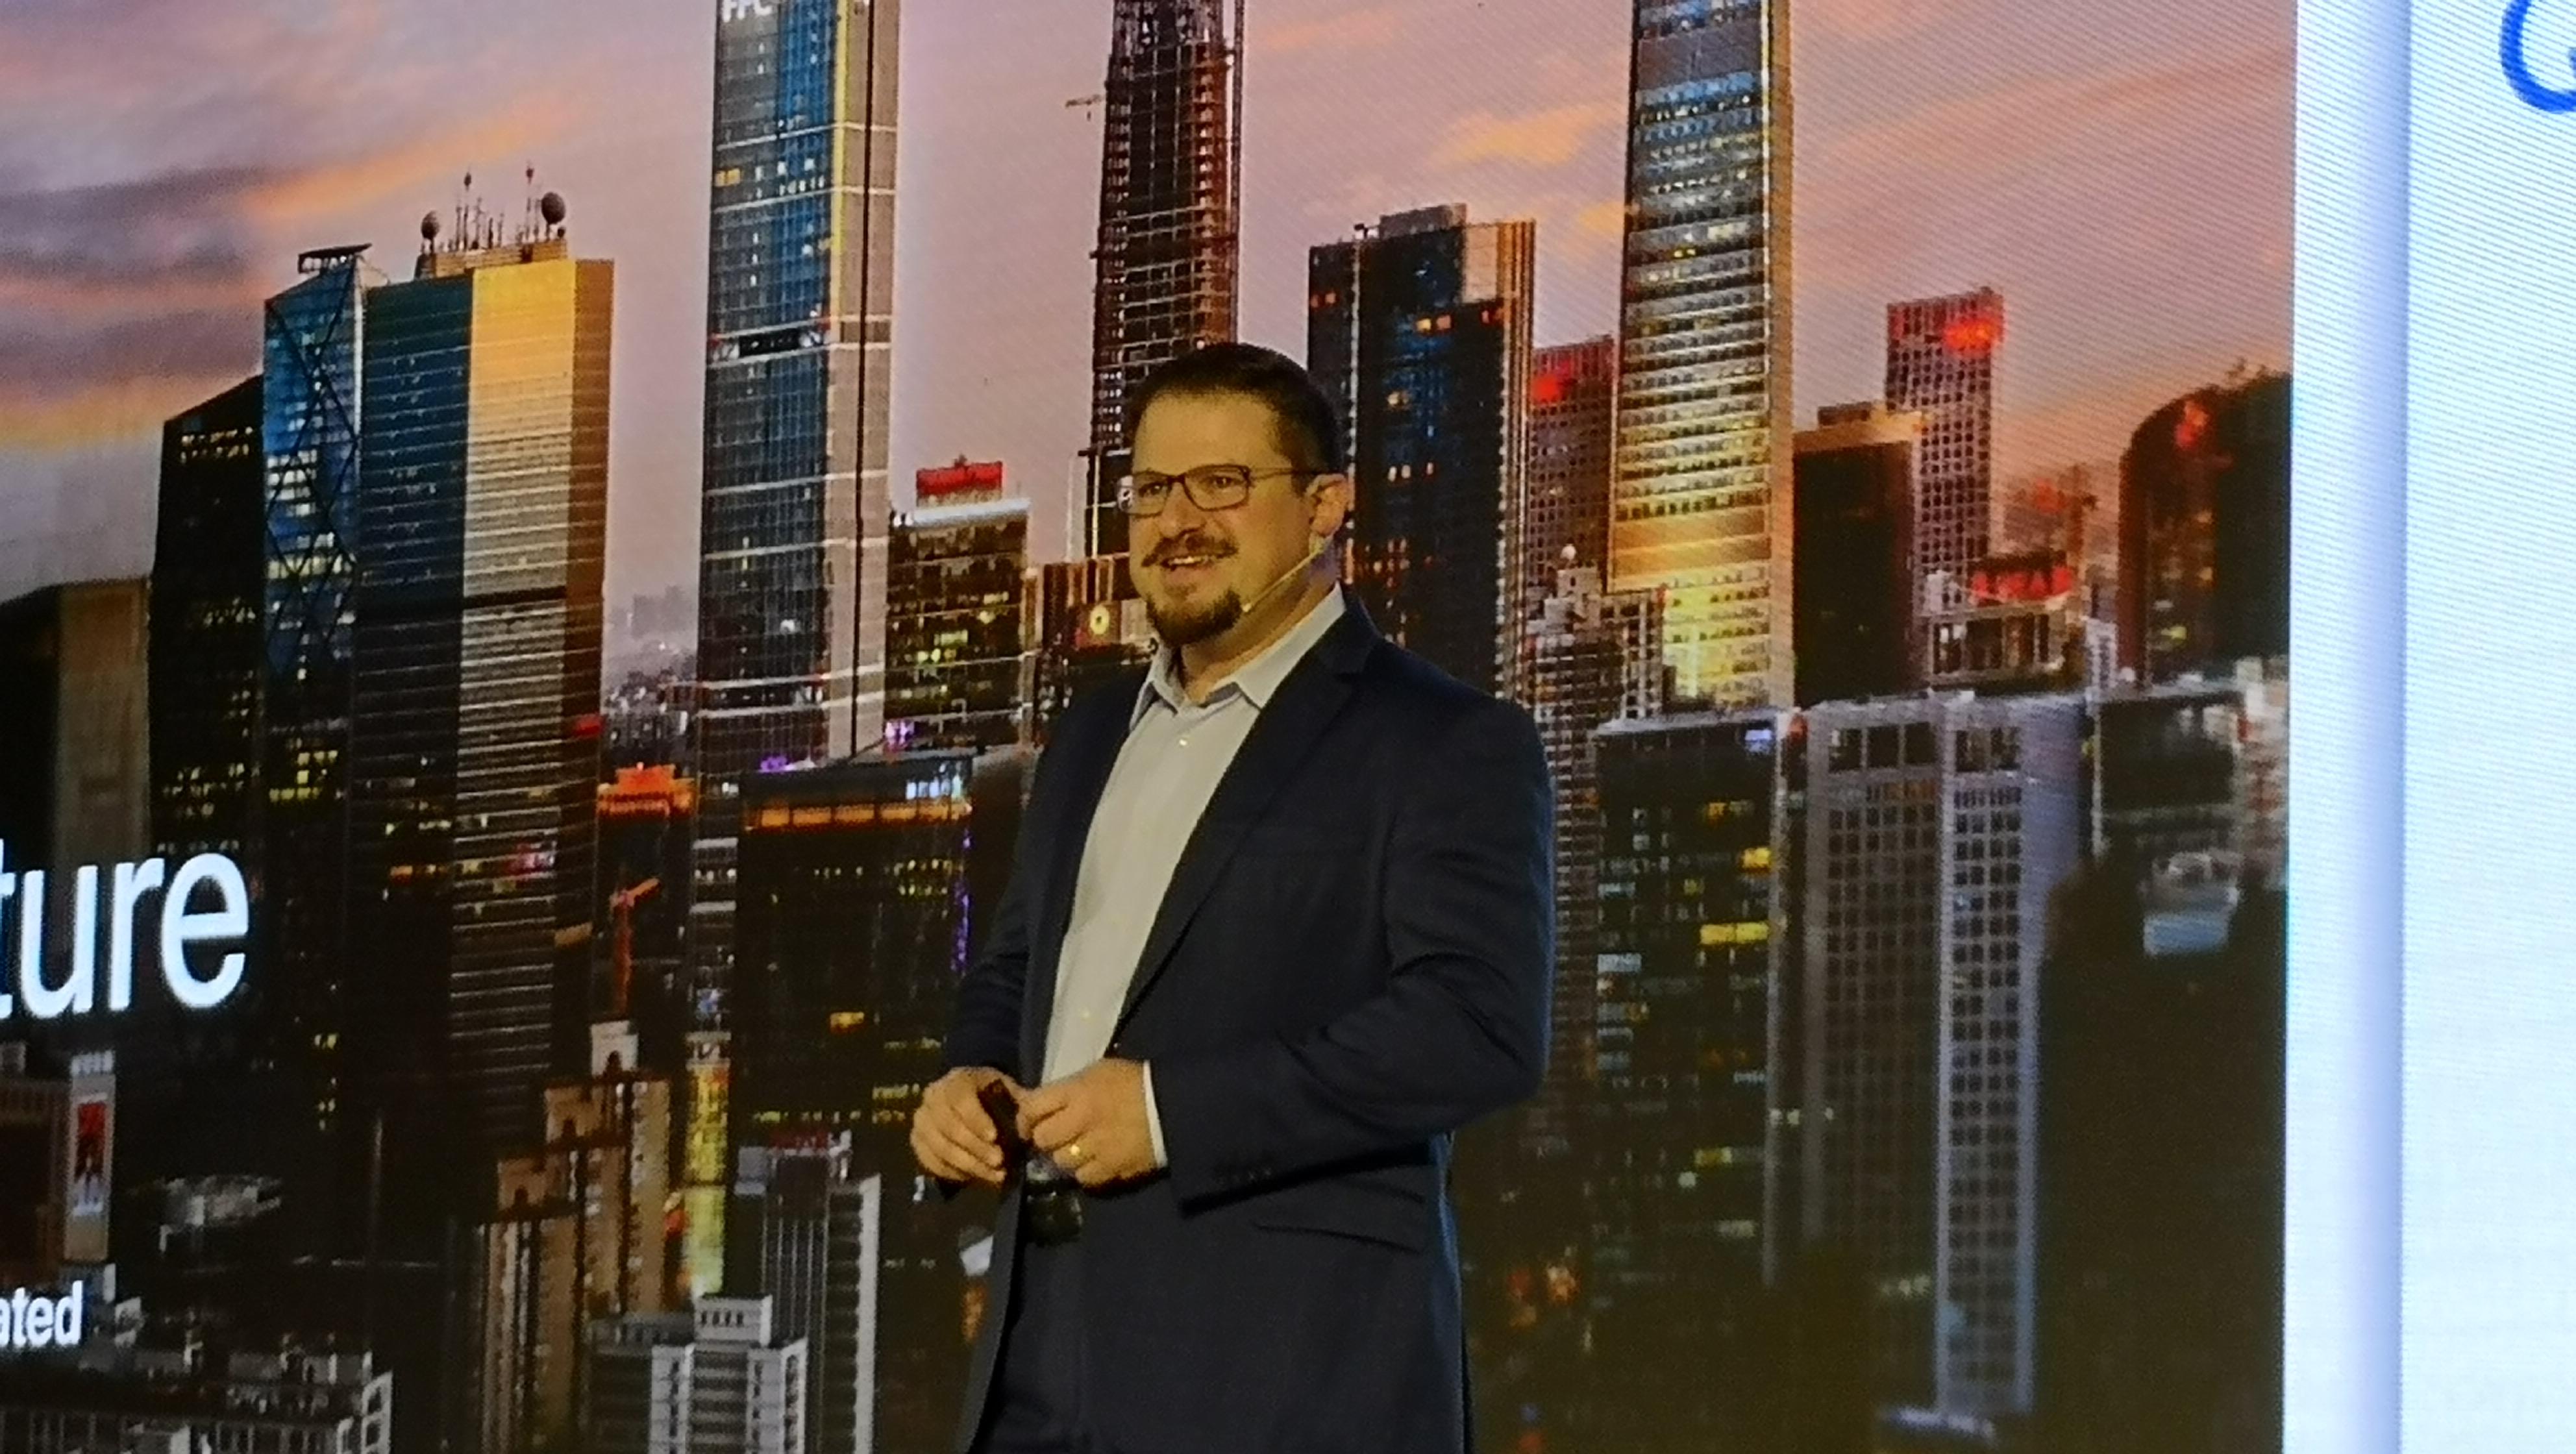 【环球网科技 记者 张之颖】高通人工智能创新论坛今日于北京登场,高通总裁克里斯蒂安诺.阿蒙表示,到2021年,人工智能衍生的商业价值将达3.3万义美元。究竟高通对人工智能未来趋势的解读为何?环球网科技带你来看看未来AI大趋势。